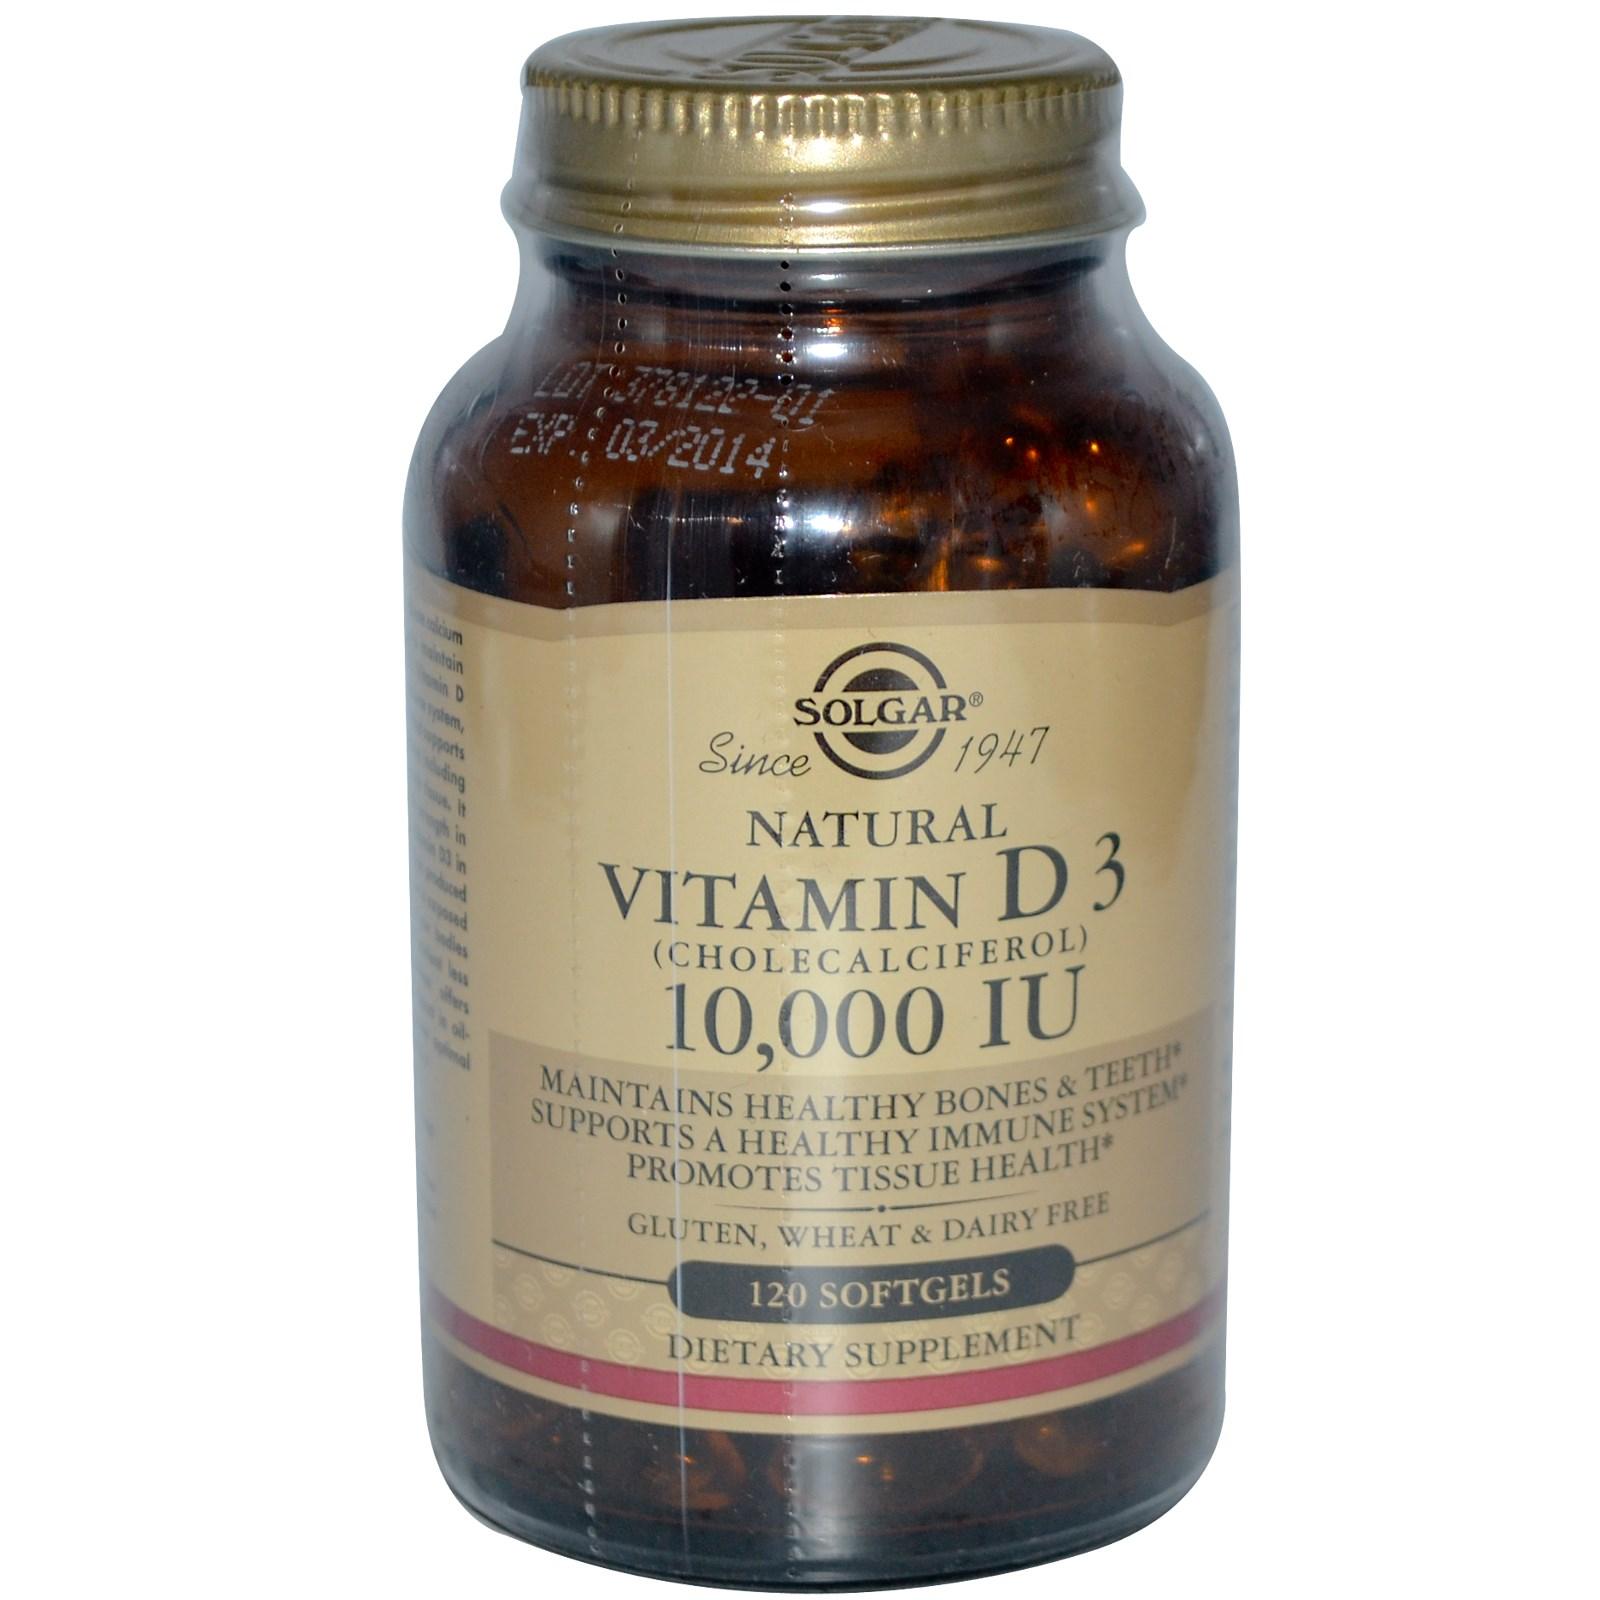 Натуральный витамин D3, Solgar, в гелевых капсулах (120 штук)